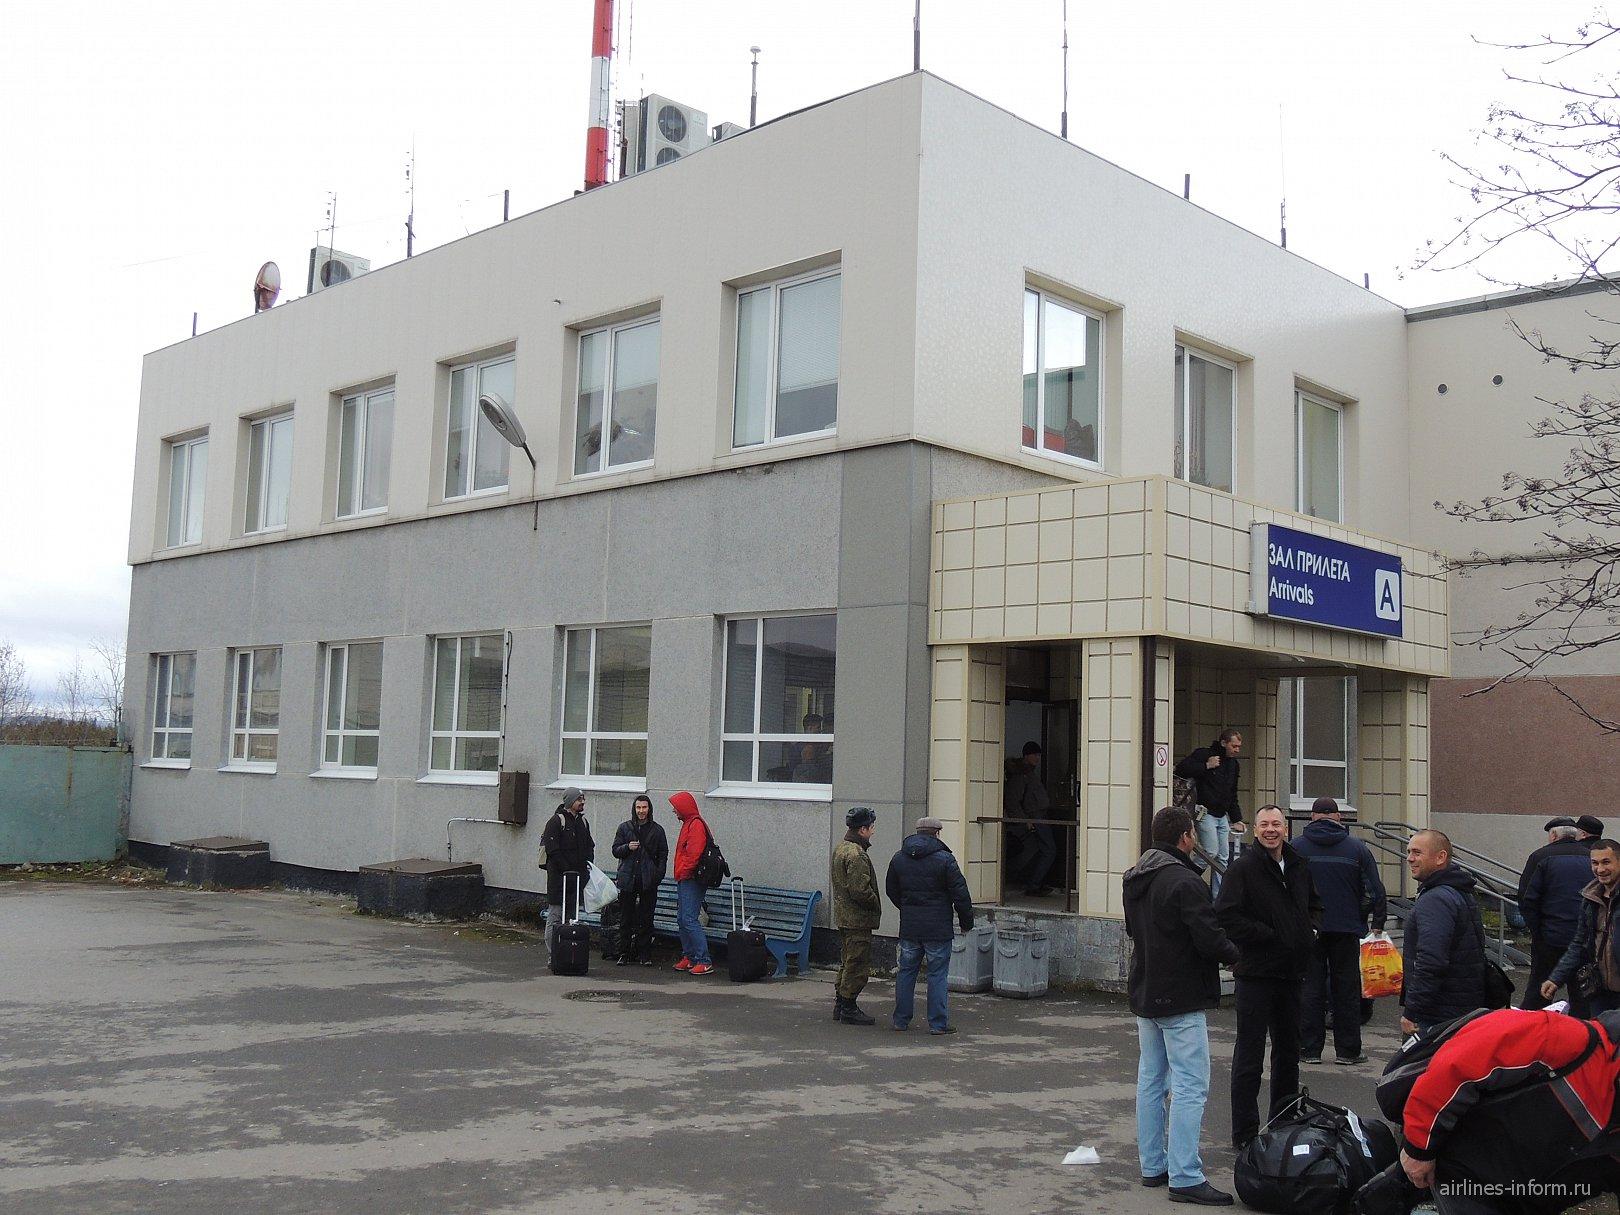 Зал прилета аэропорта Мурманск